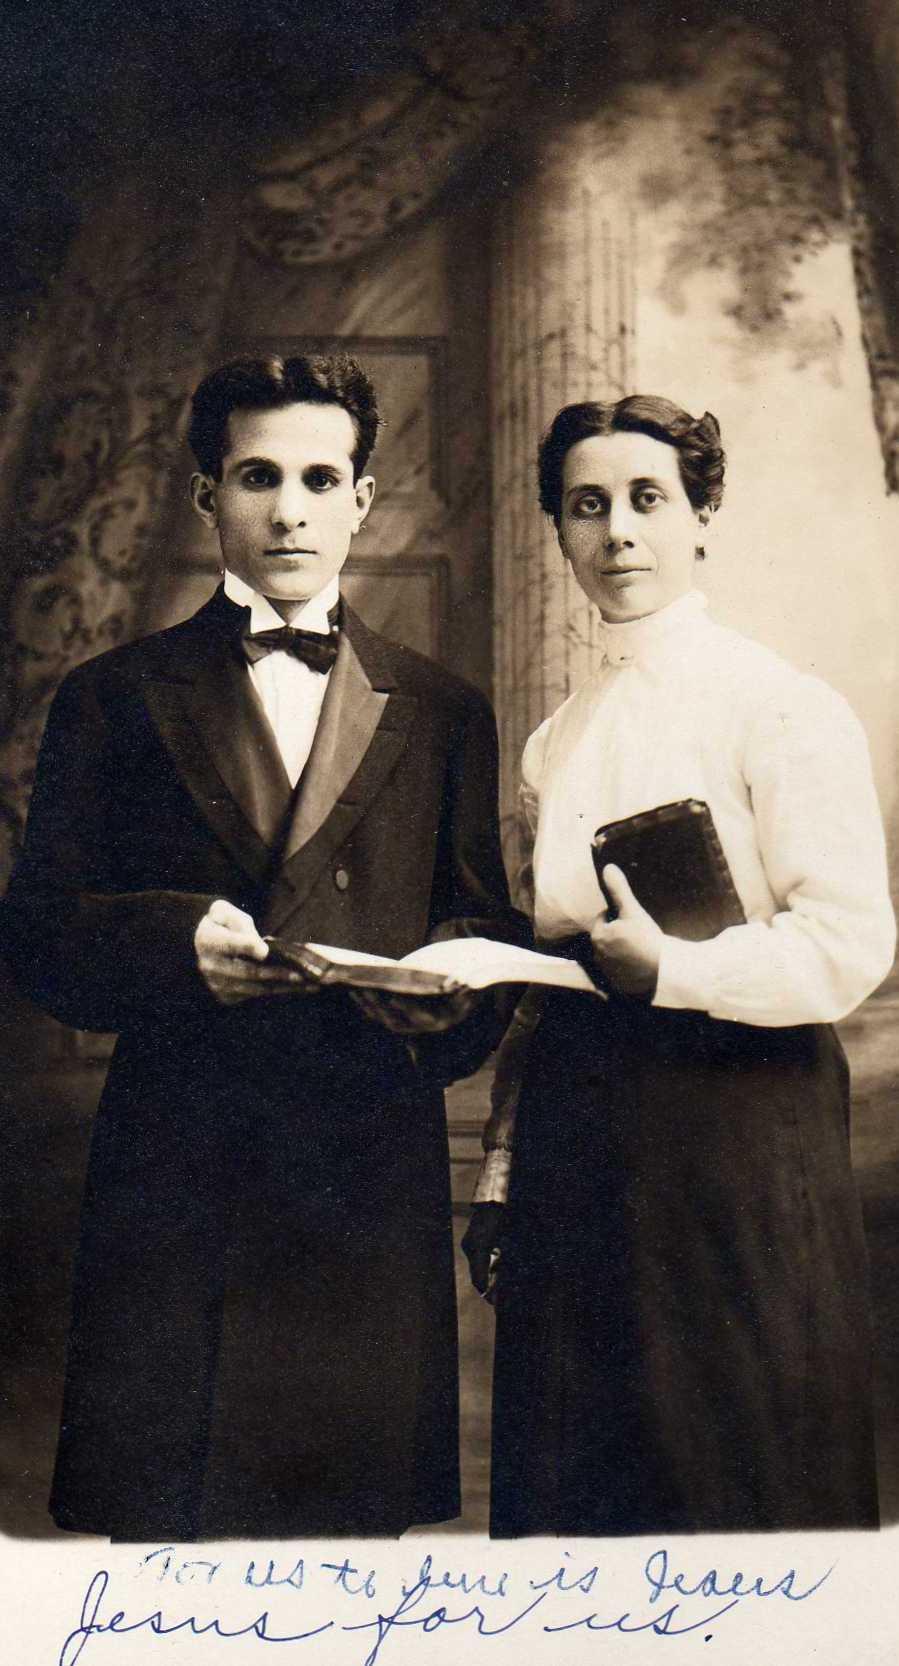 1914 Baba Mooshell David and Ruth David.jpg